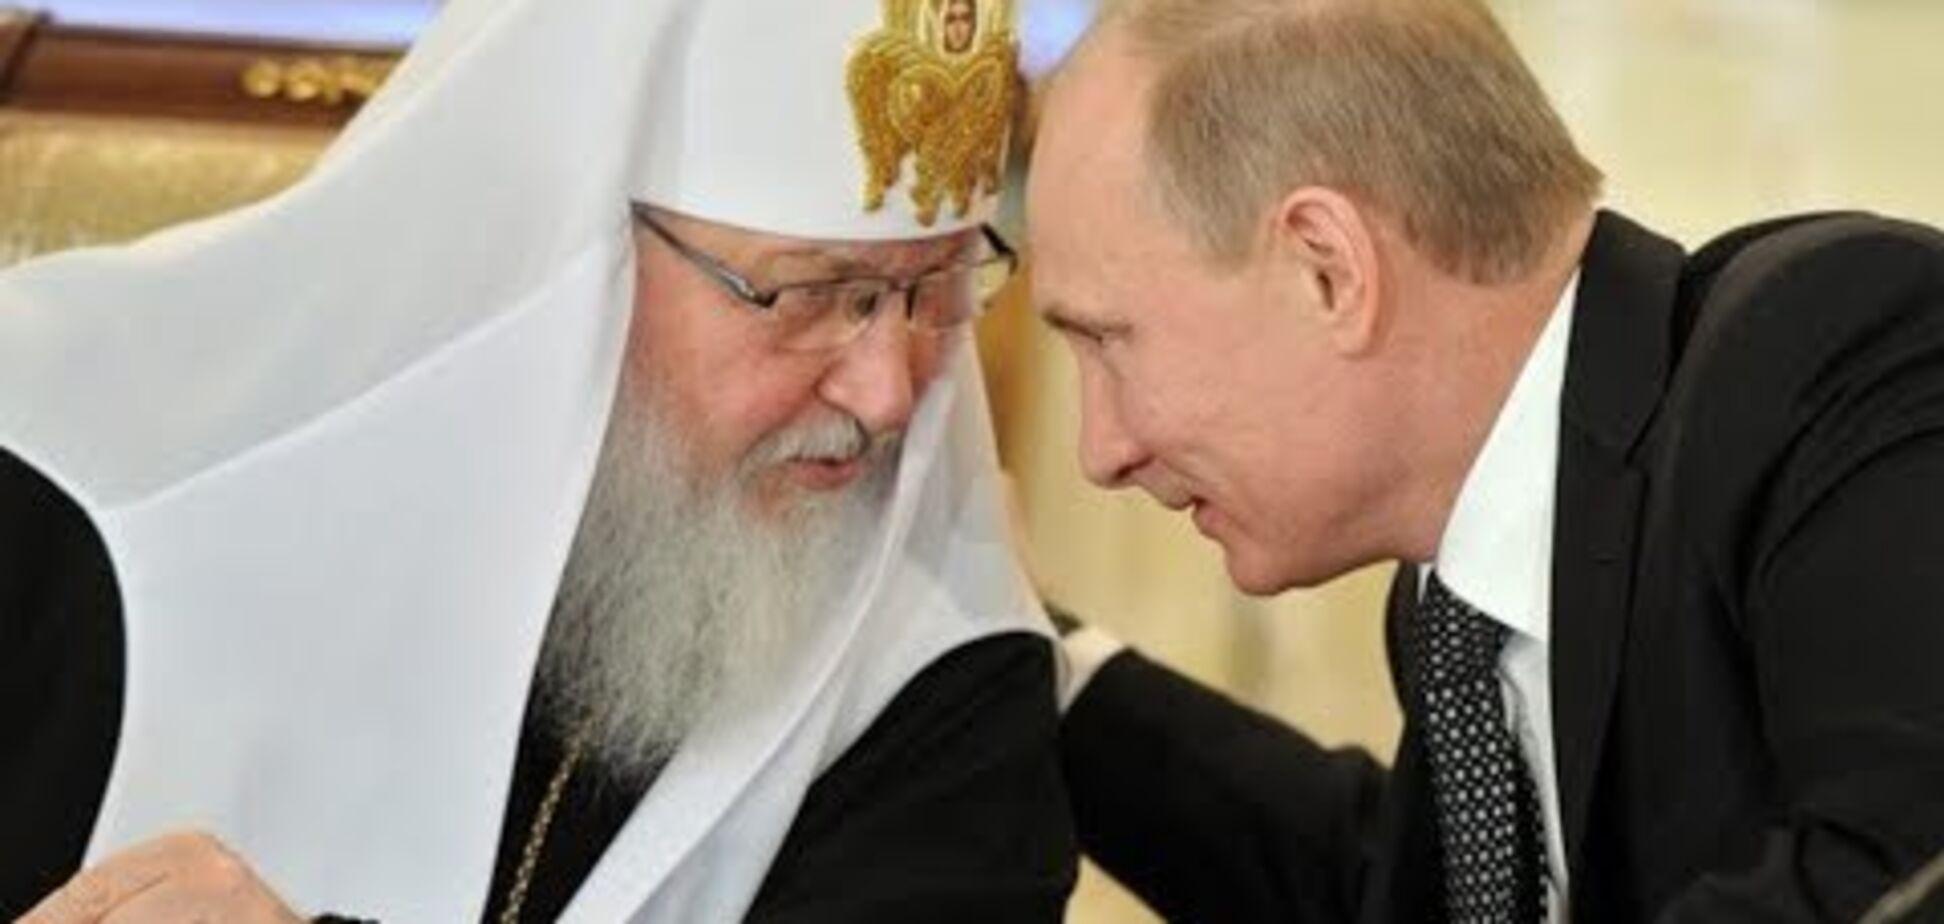 Путин экстренно созвал Совет безопасности из-за Украины: Киев предупредили об опасности